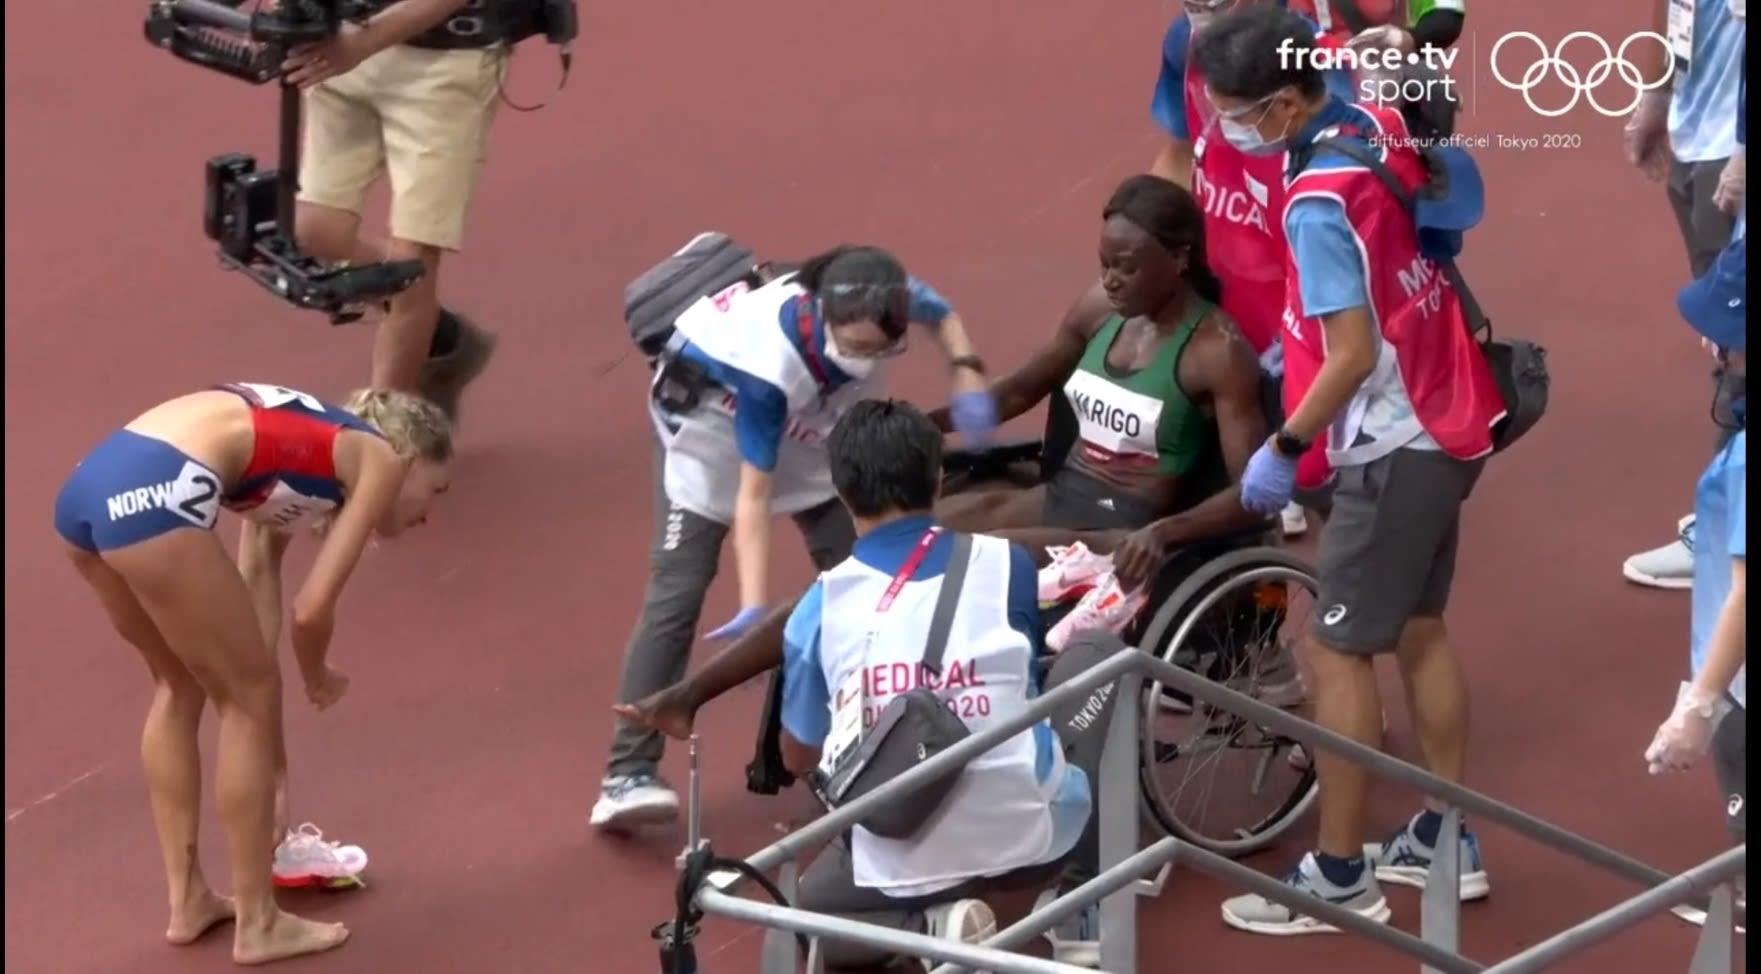 Noélie Yarigo a quitté la piste de Tokyo sur un fauteuil roulant. © Copie d'écran France.tv sport